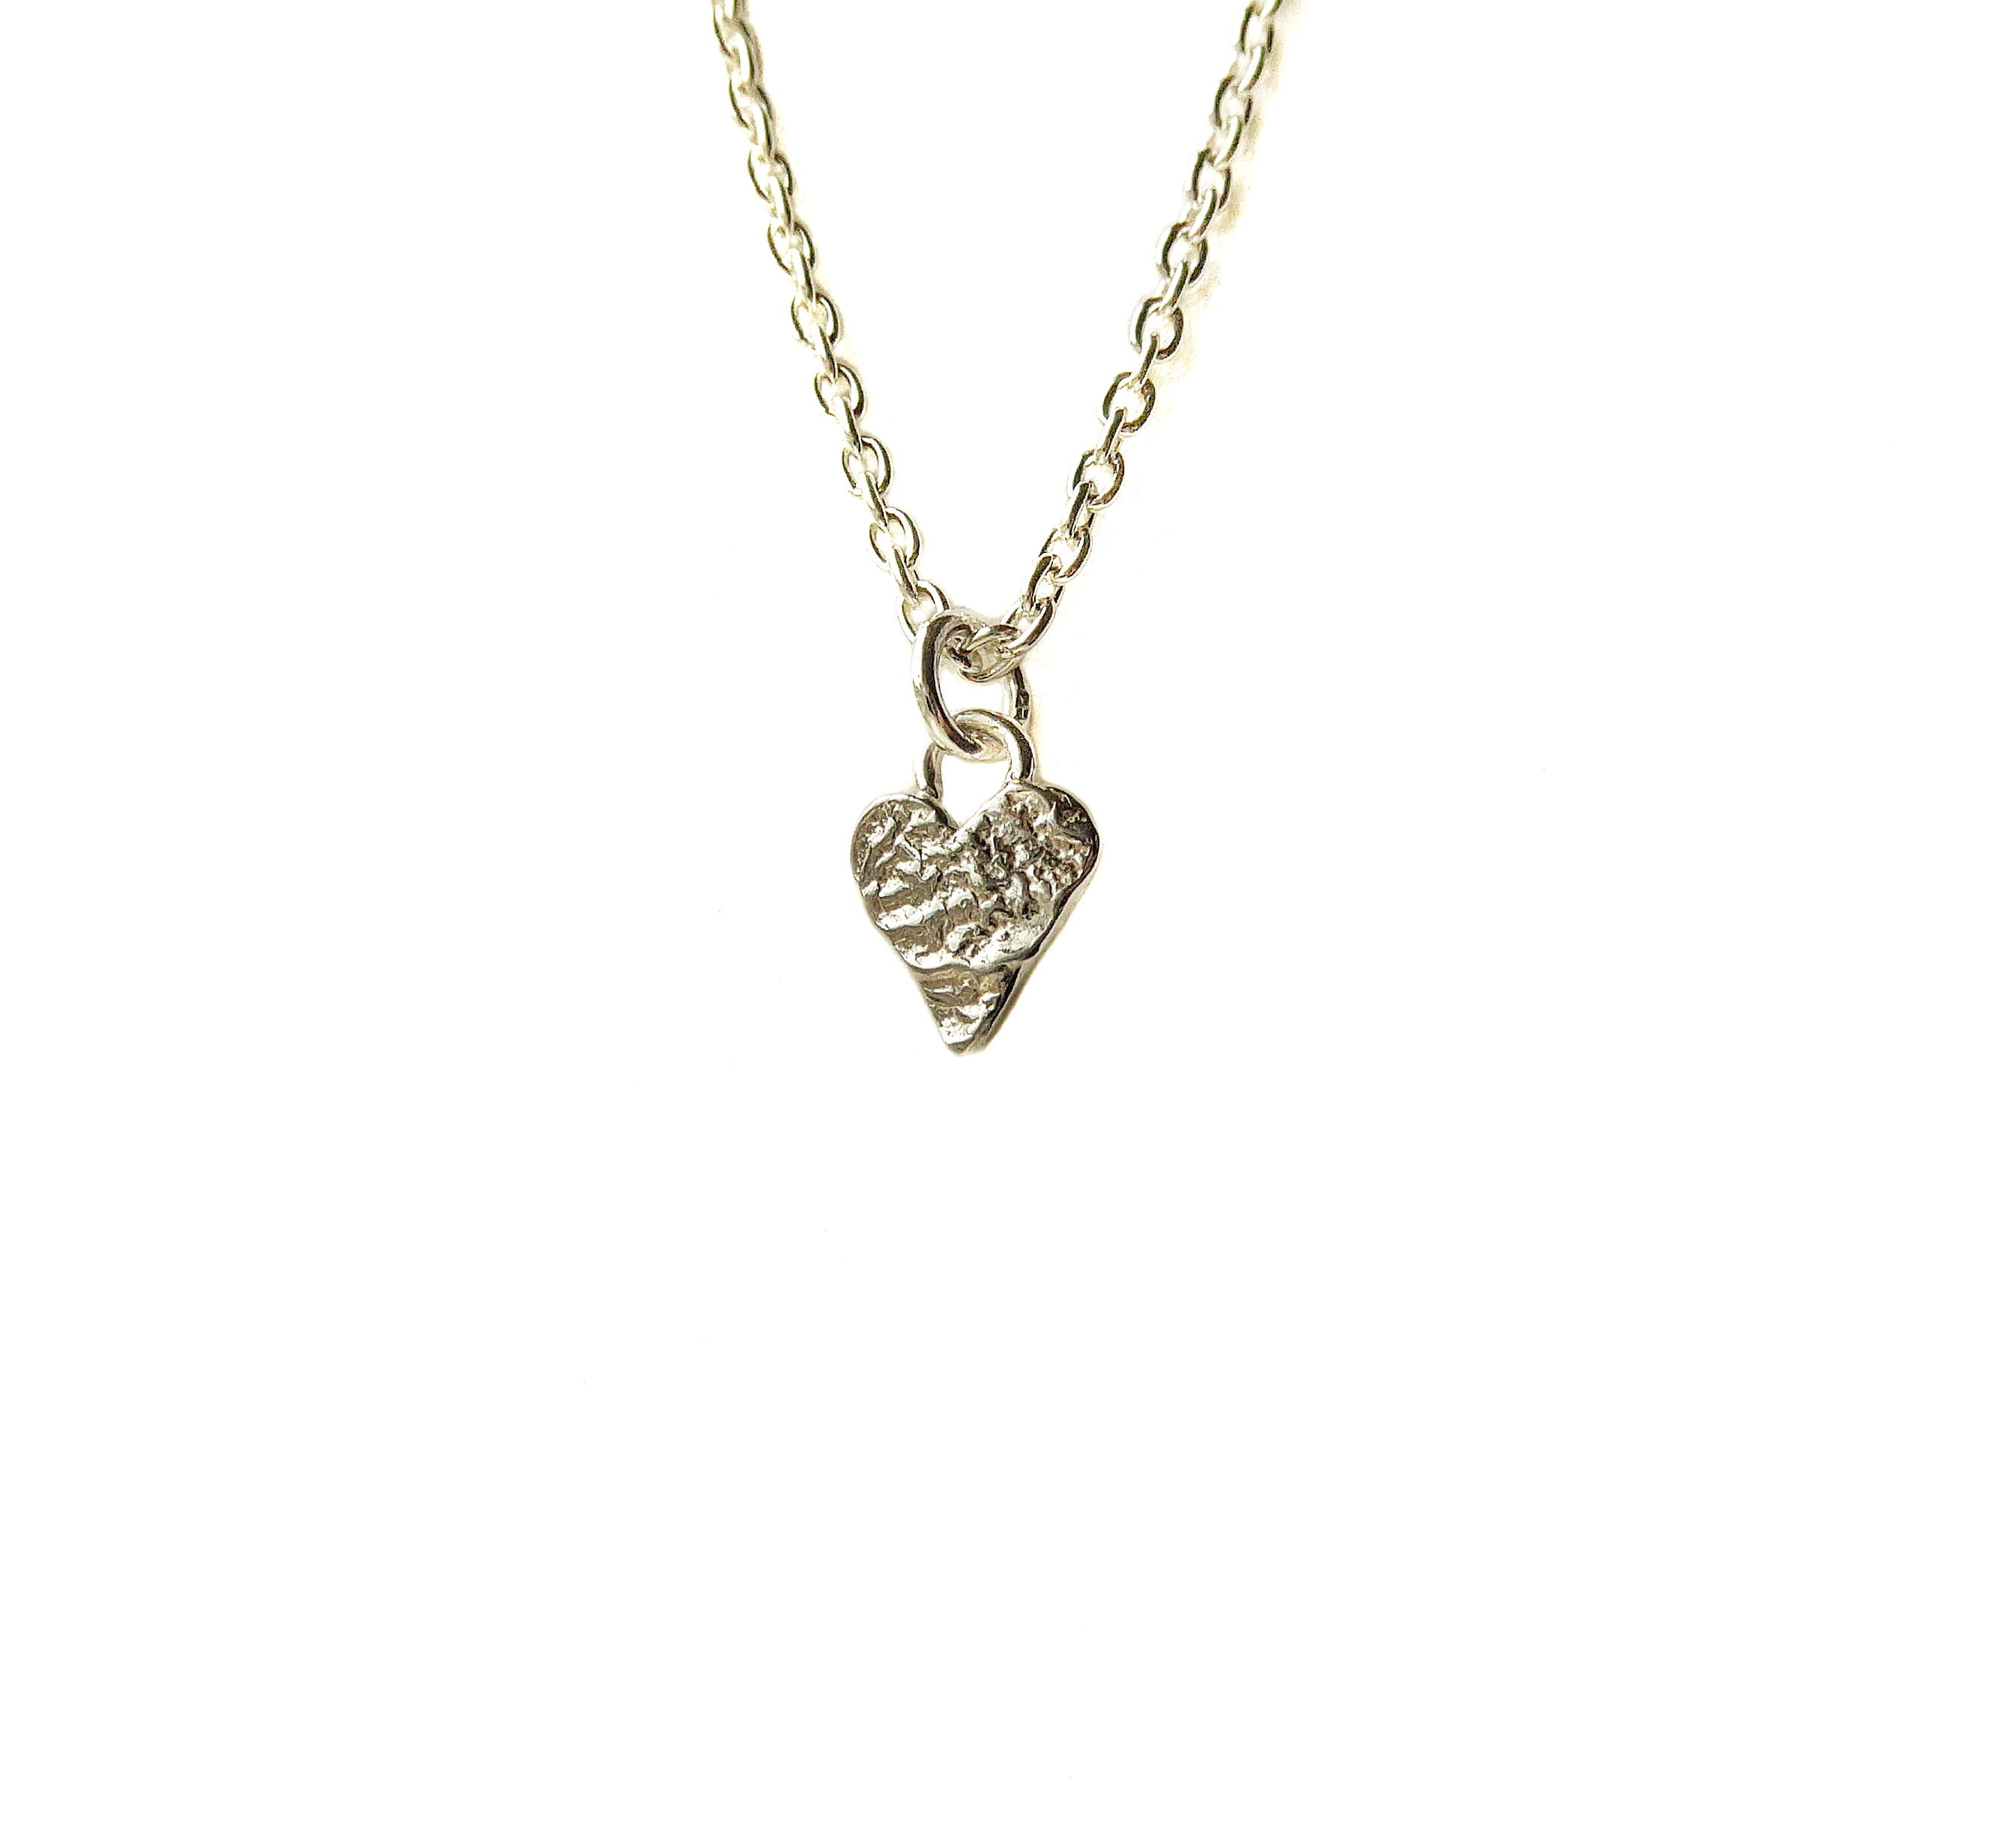 a46bb15858294 Handmade petite silver textured heart pendant